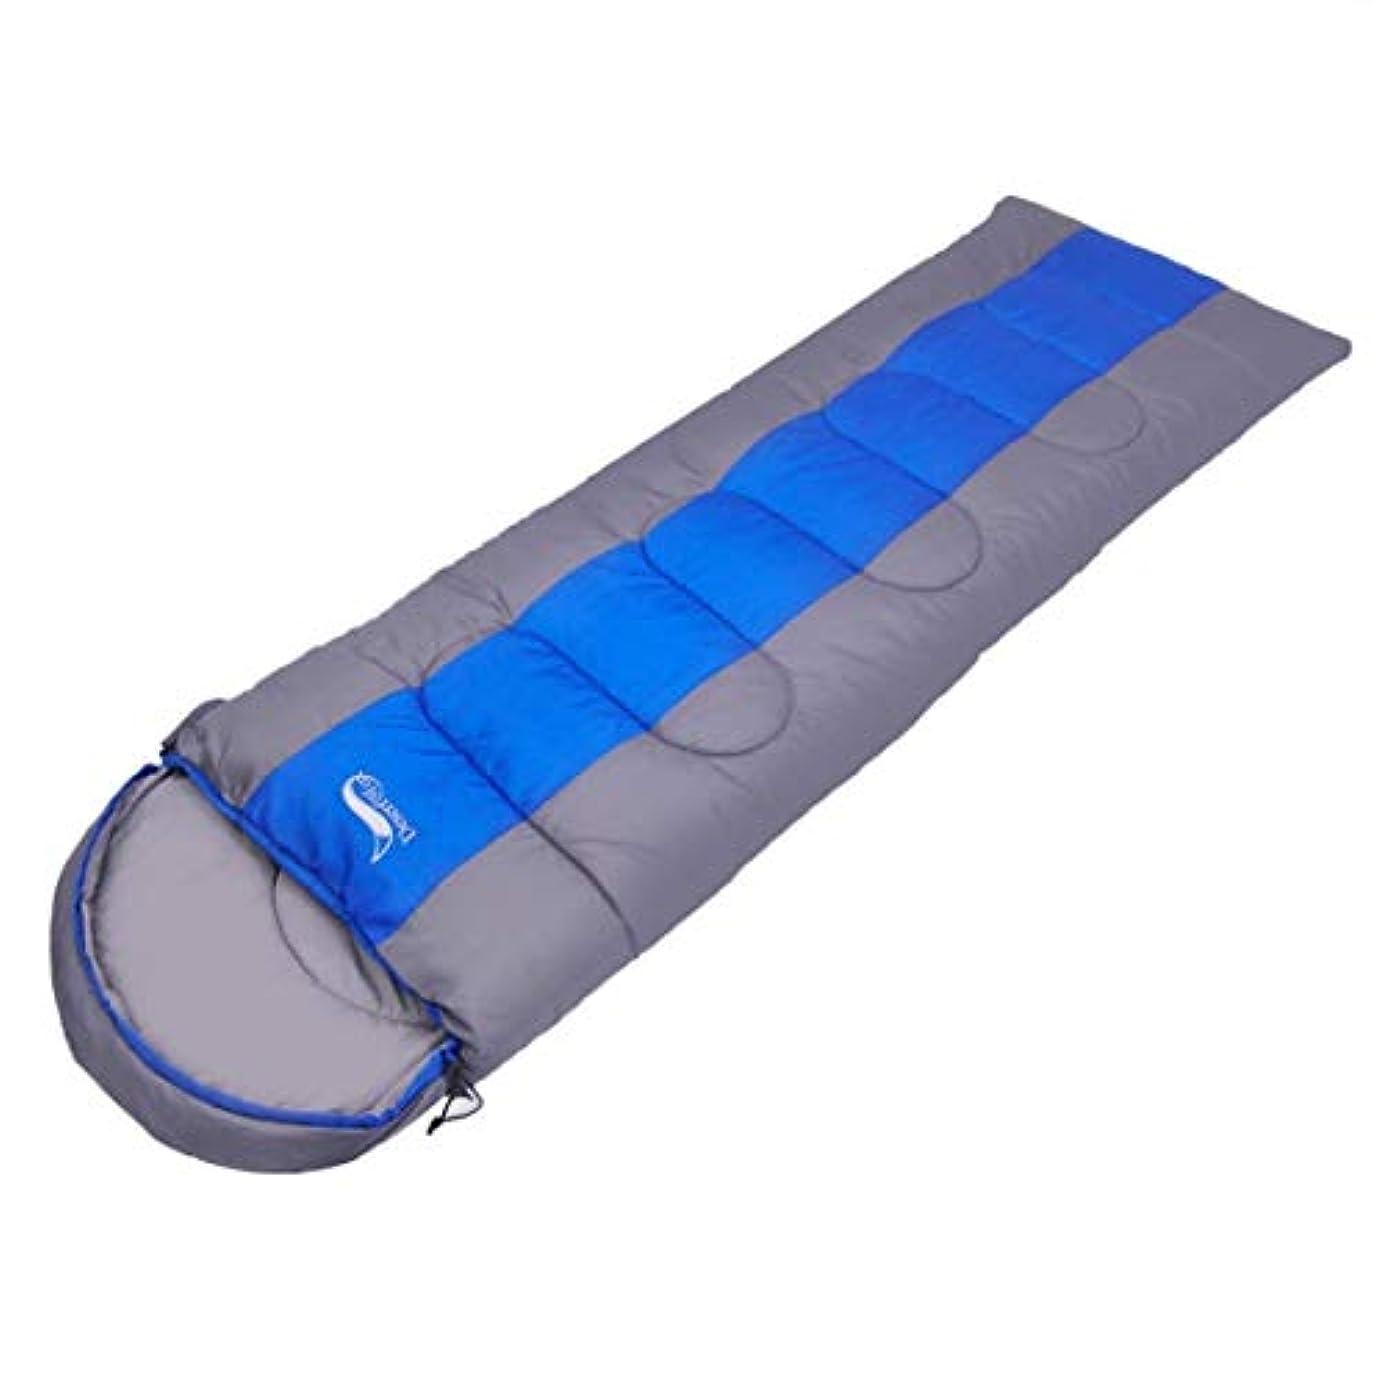 アウトドア杭アラブサラボKainuoo 春と秋の爆発モデルダブル超軽量大人屋外寝袋厚くキャンプキャンプ寝袋封筒キャンプ寝袋 (Color : Blue)